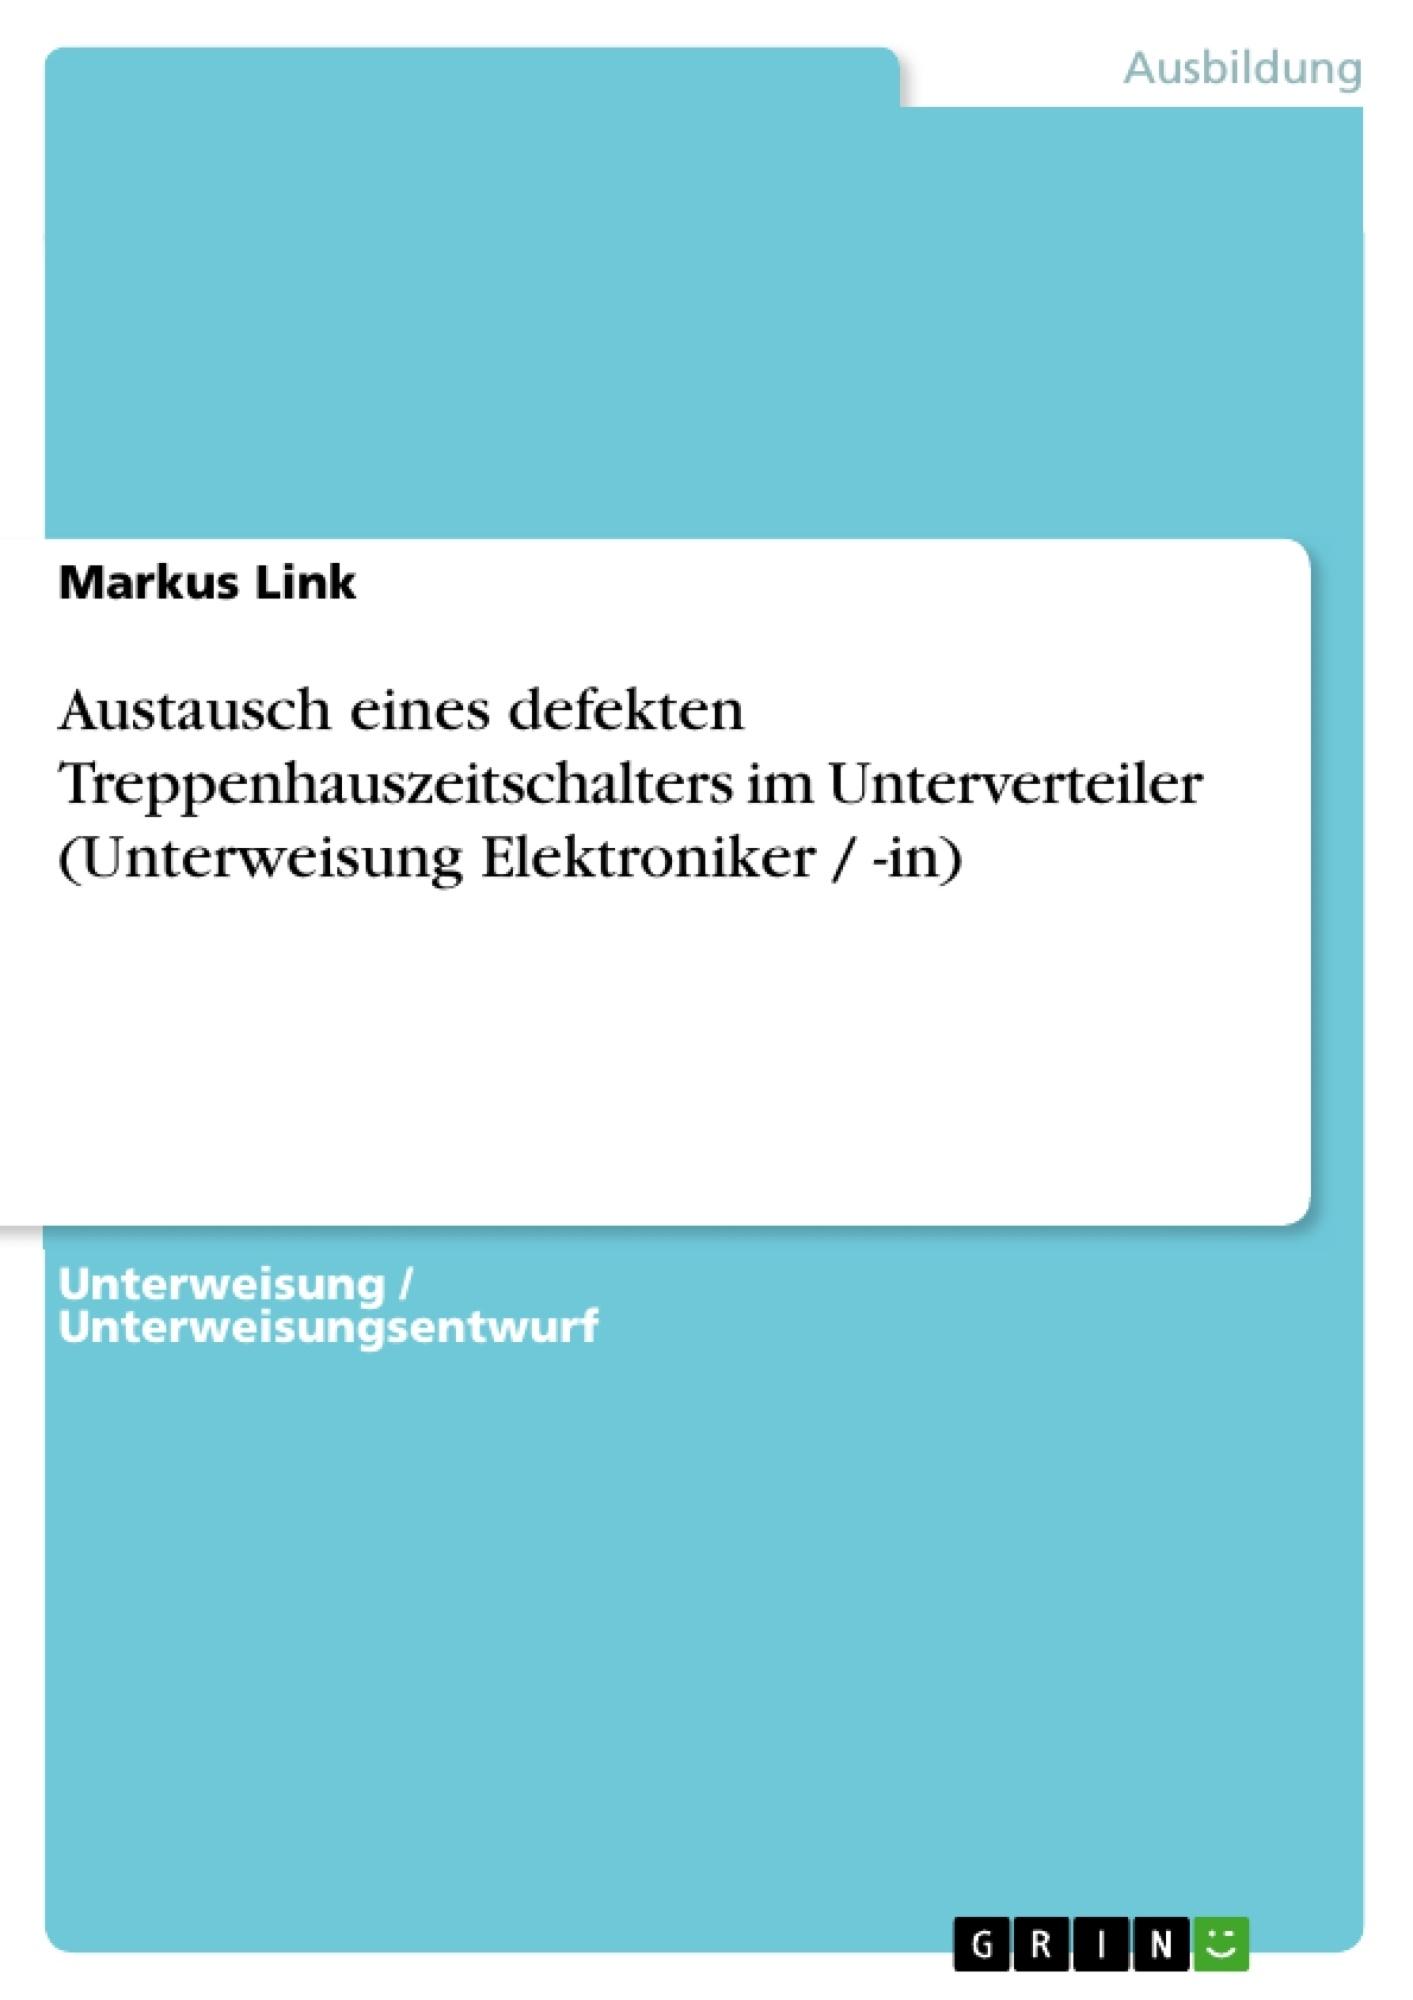 Titel: Austausch eines defekten Treppenhauszeitschalters im Unterverteiler (Unterweisung Elektroniker / -in)